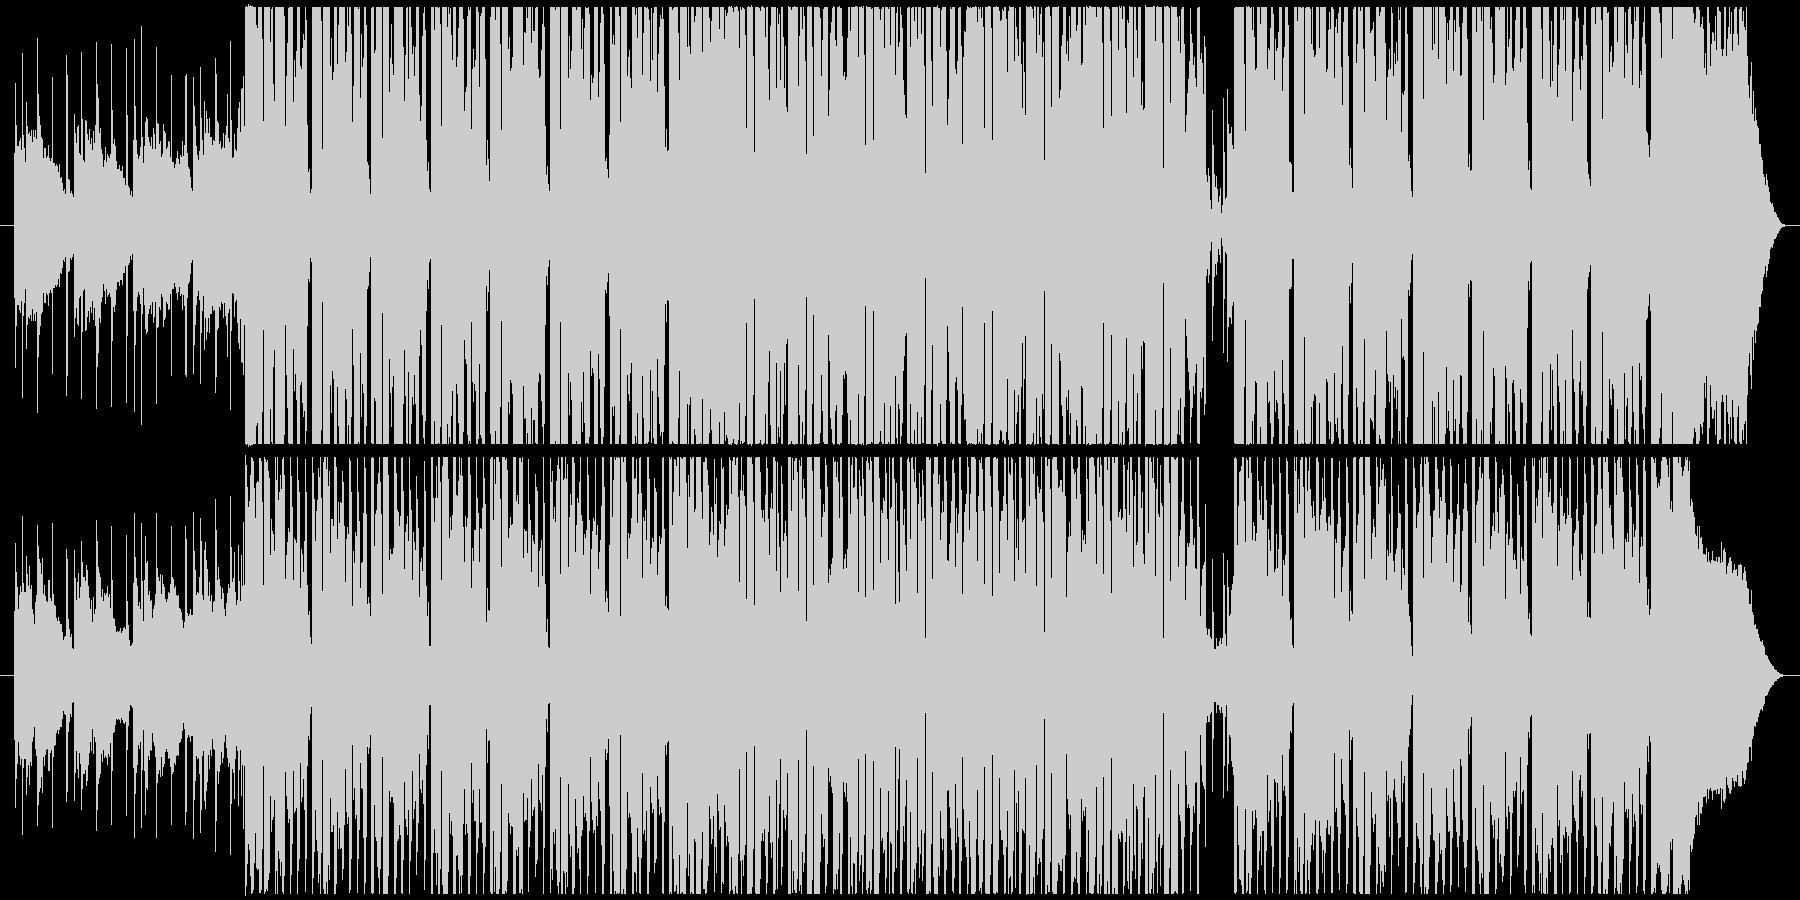 かわいくて元気な4つ打ちシンセポップの未再生の波形